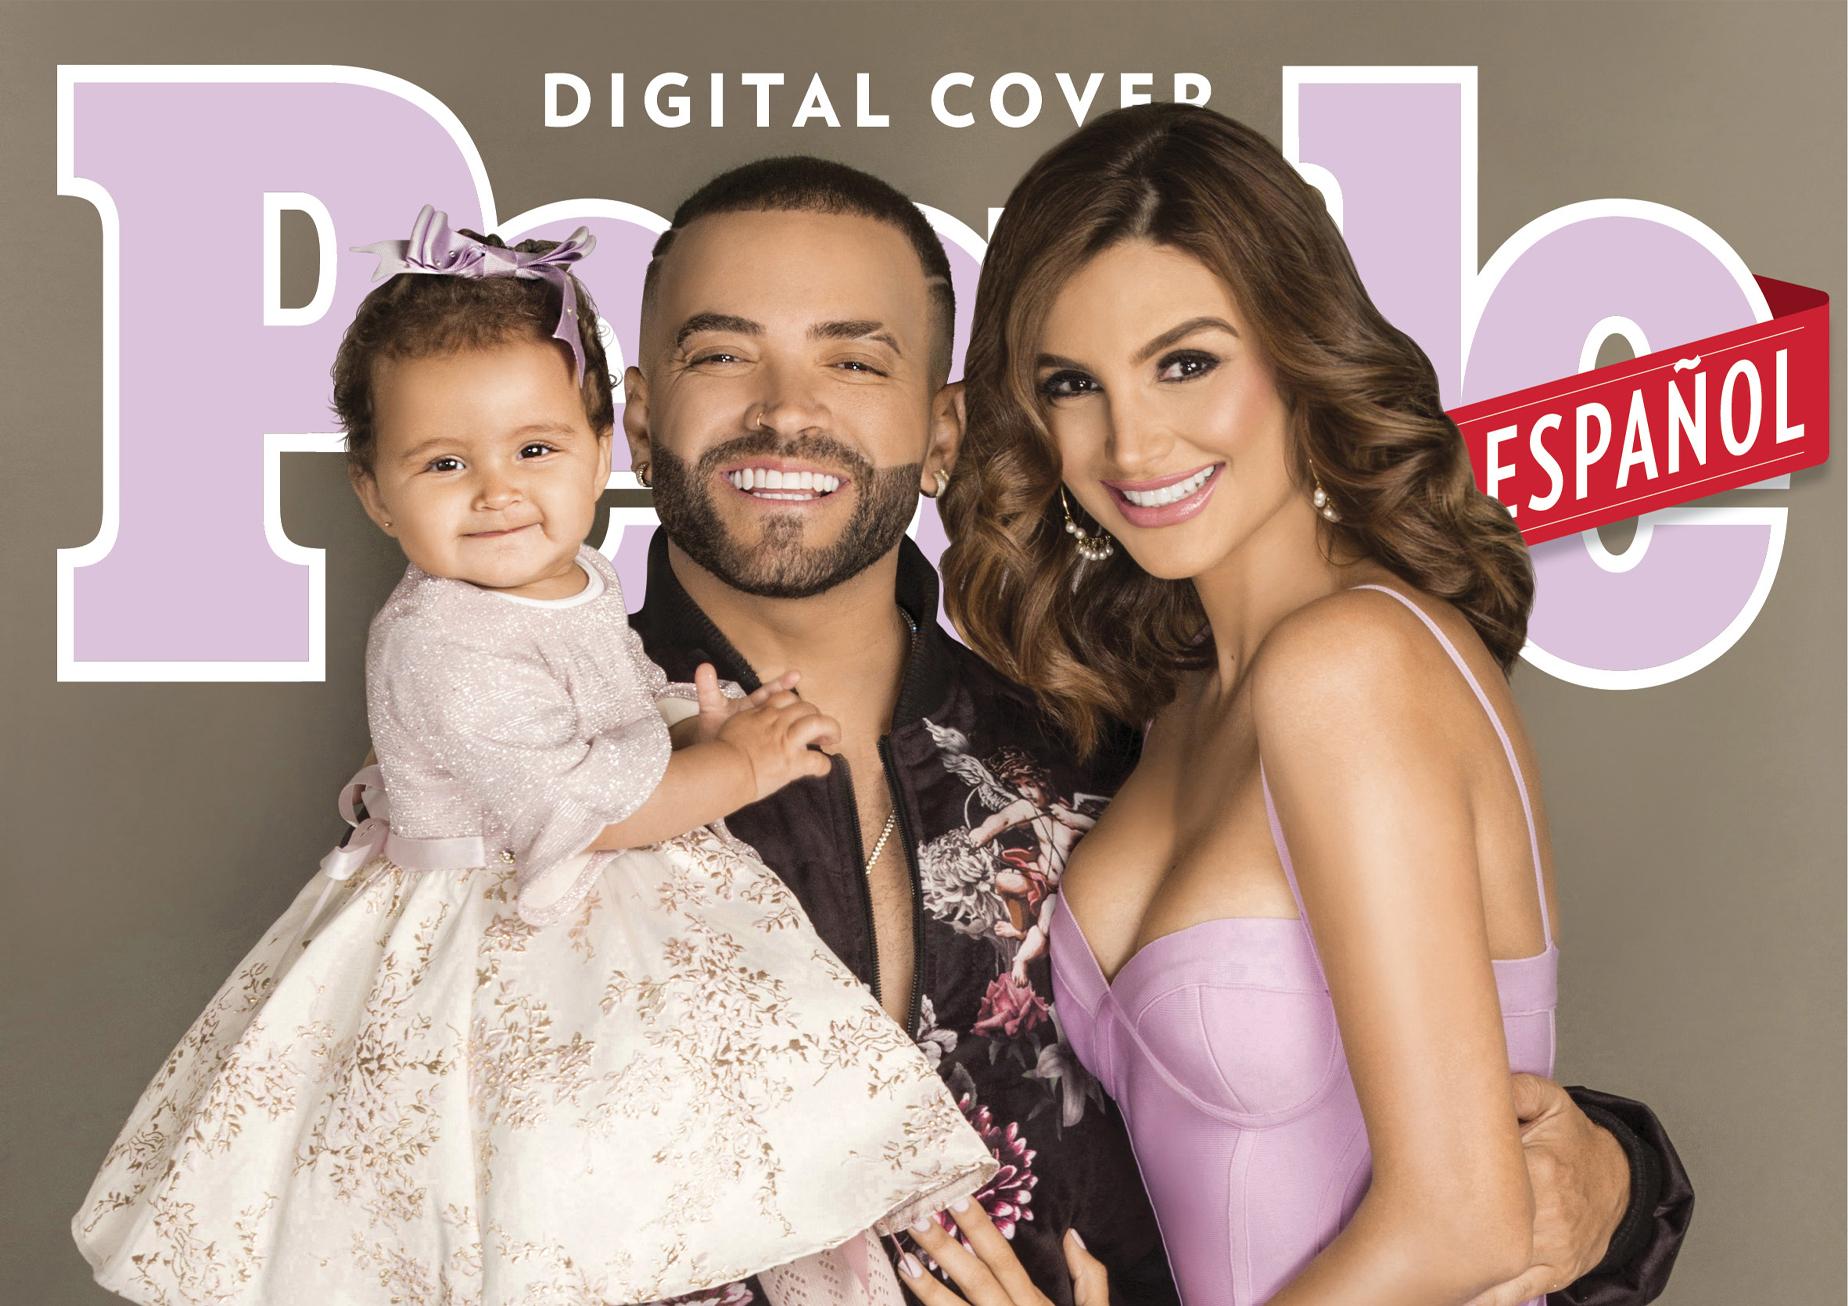 Nacho y Melany - Digital Cover